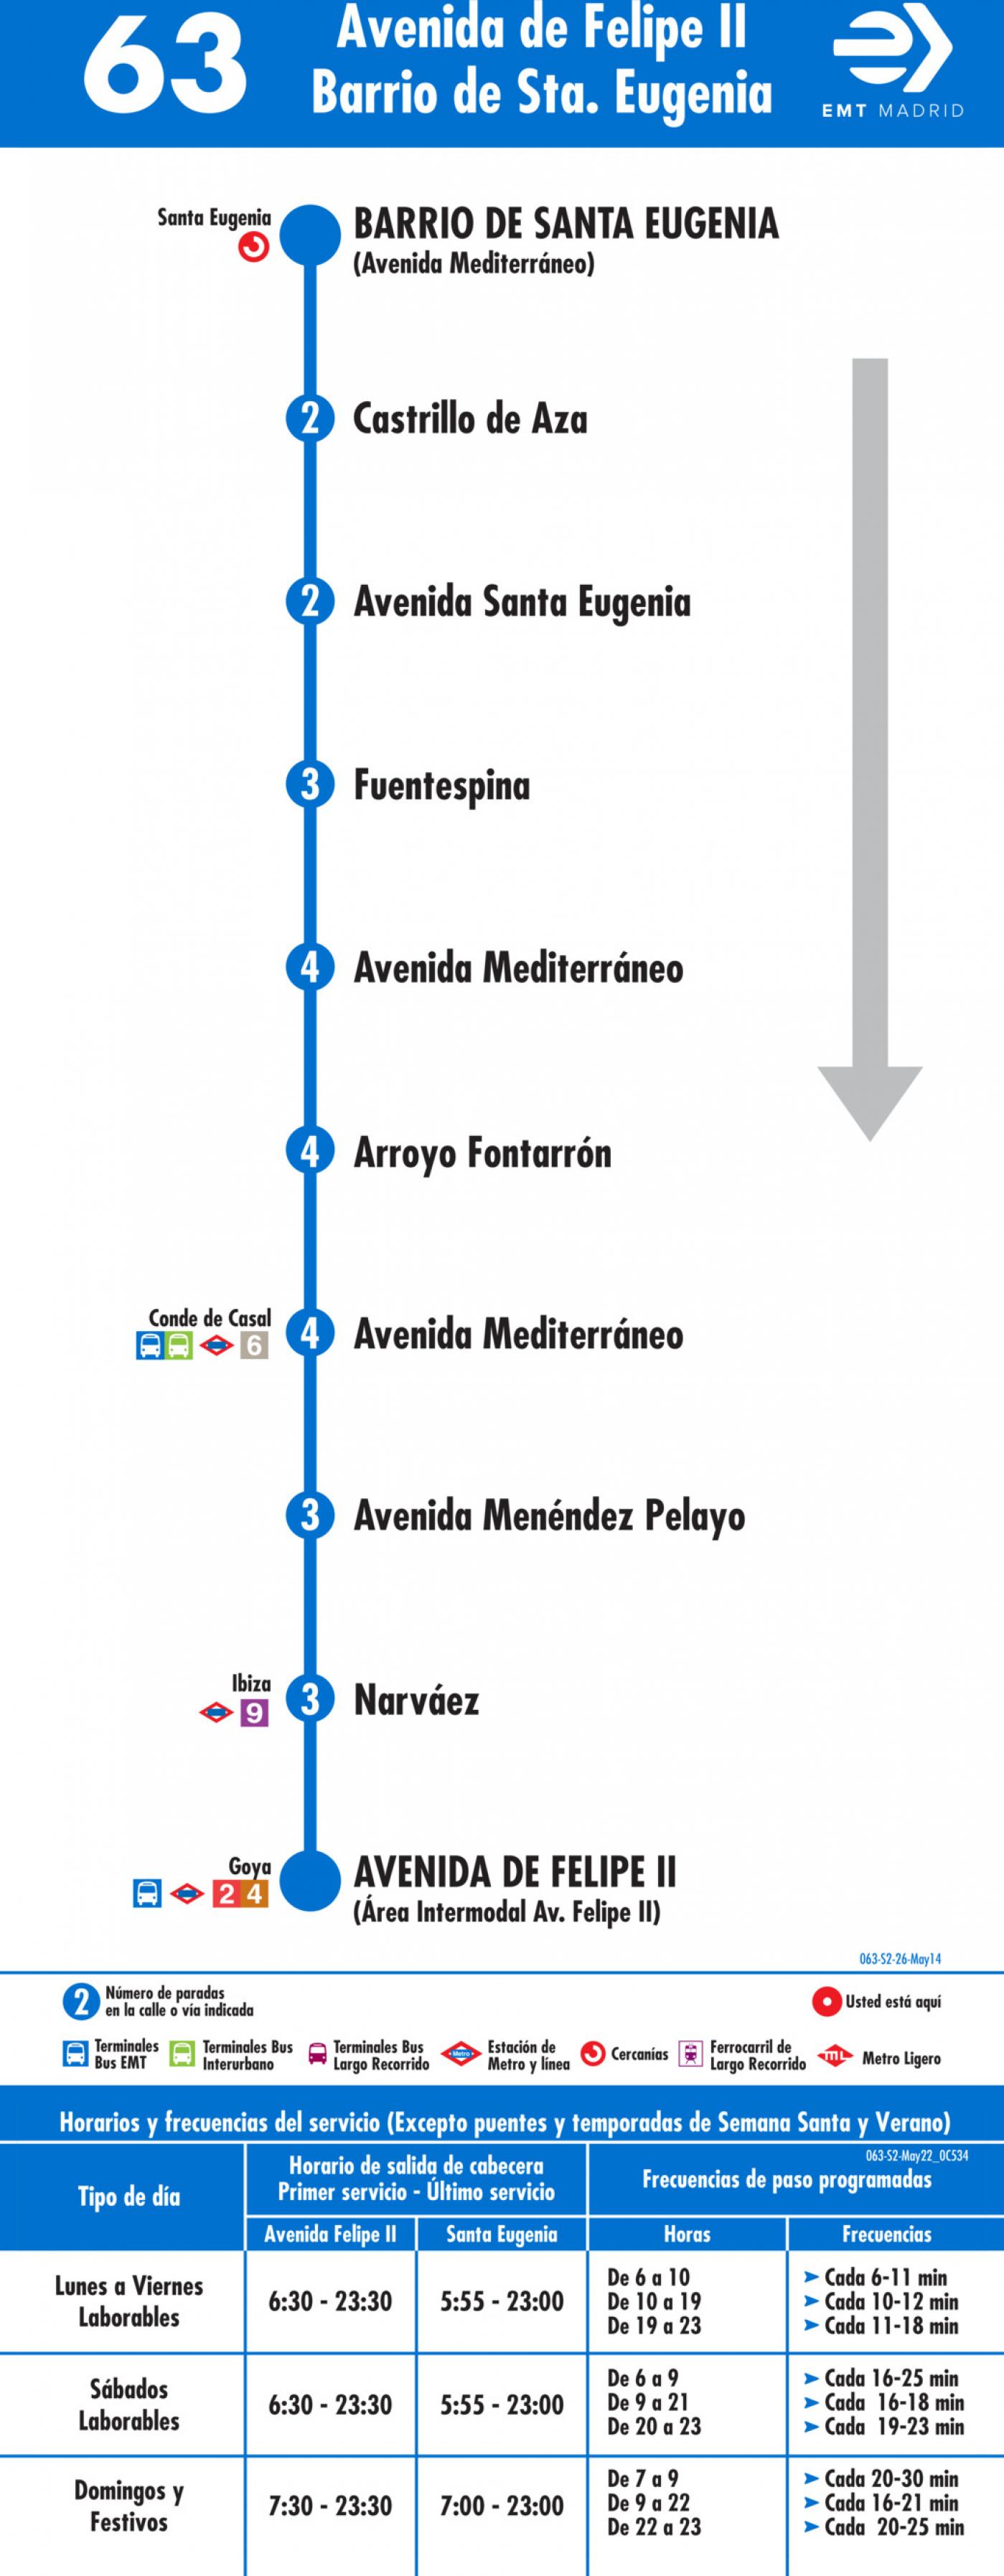 Tabla de horarios y frecuencias de paso en sentido vuelta Línea 63: Avenida de Felipe II - Barrio de Santa Eugenia